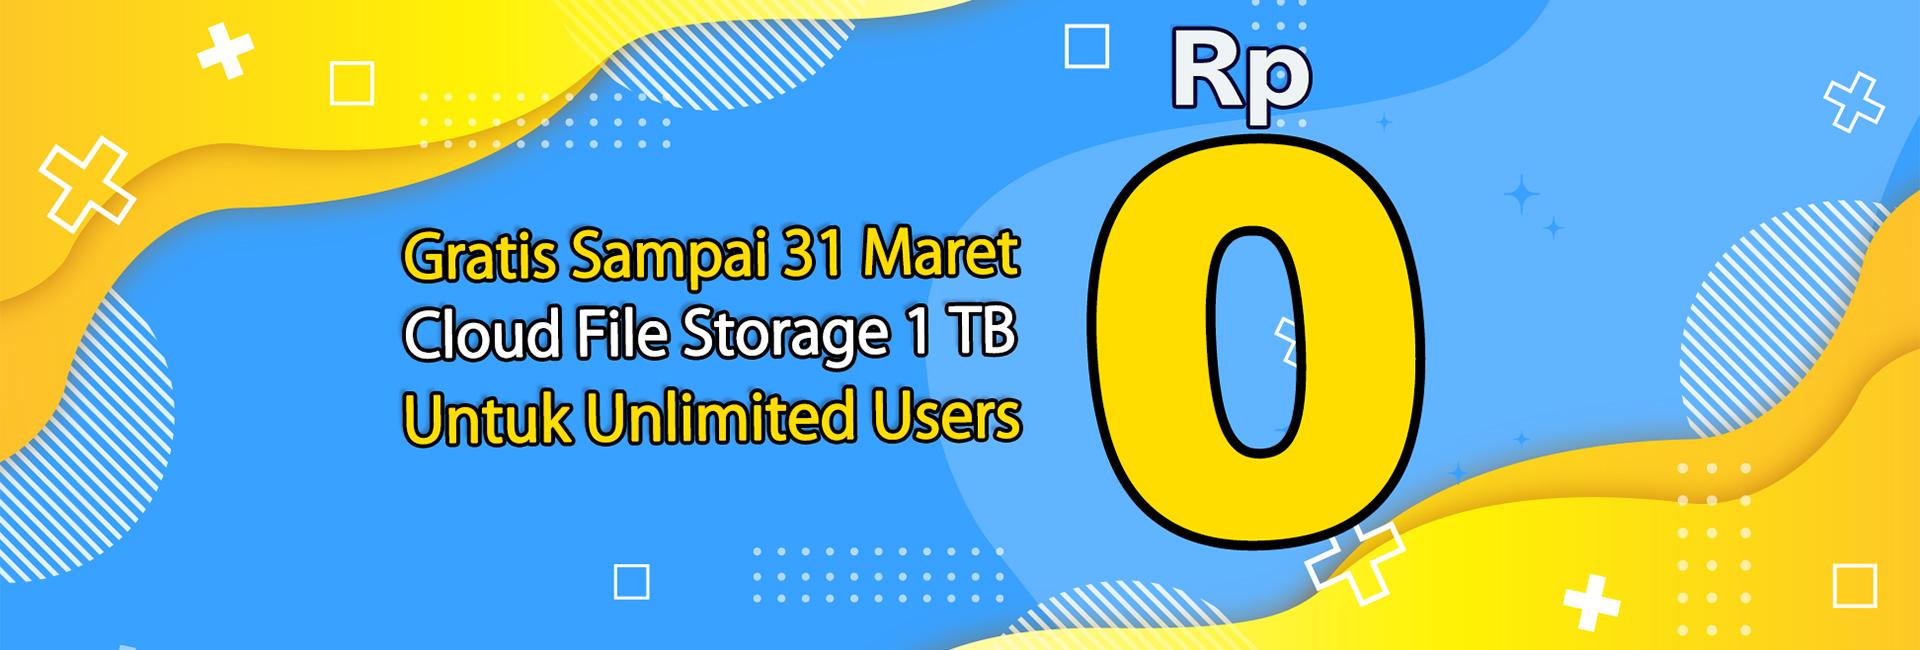 Gratis Sampai 31 Maret Cloud File Storage 1 TB Untuk Unlimited Users